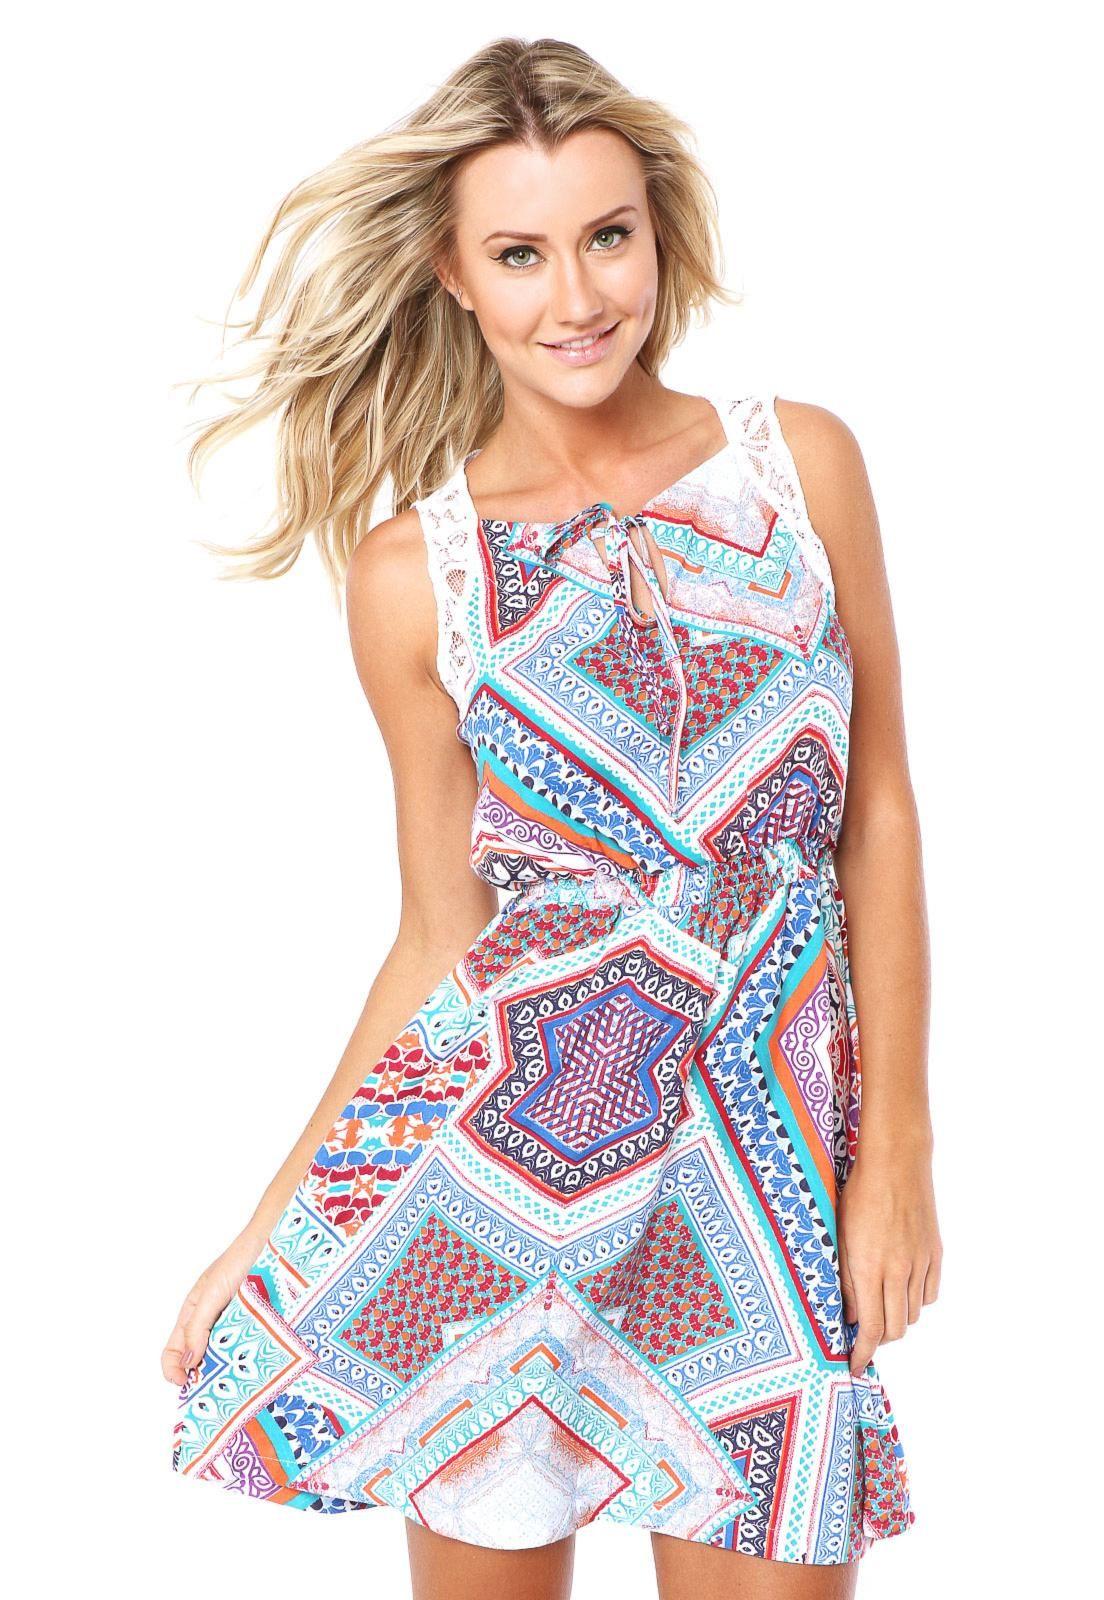 a6a783743 Vestido Mercatto Slim Multicolorido - Compre Agora